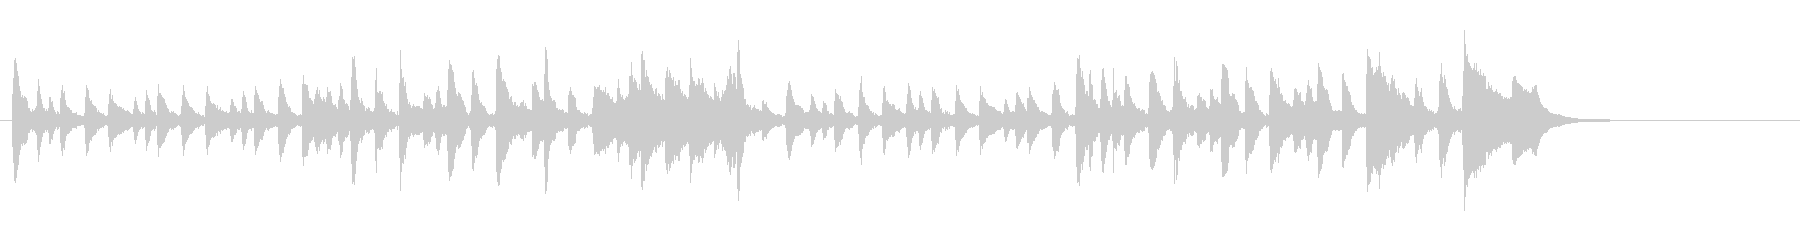 ダチョウ(ヴェローヌ作曲)の未再生の波形